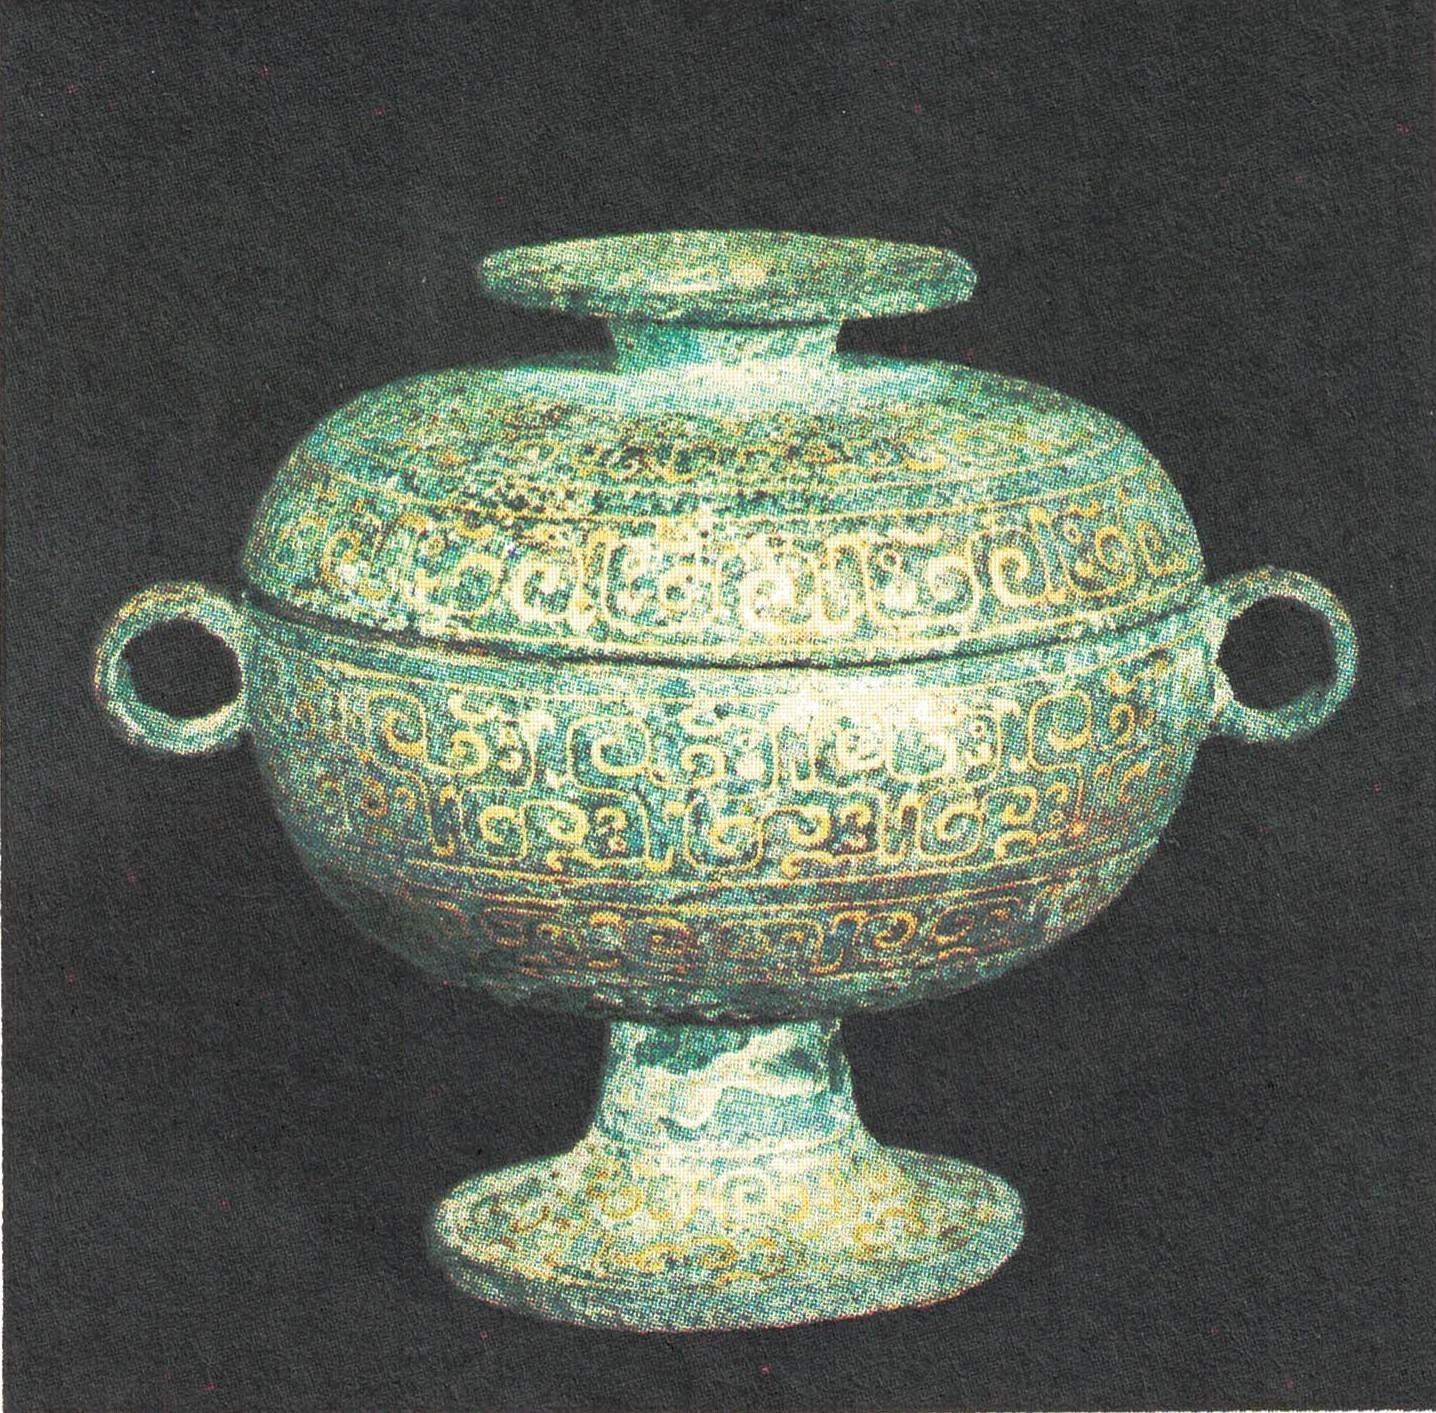 Figura 3. Jarro chinês de bronze (dinastia Chou, Século XI a.C.)